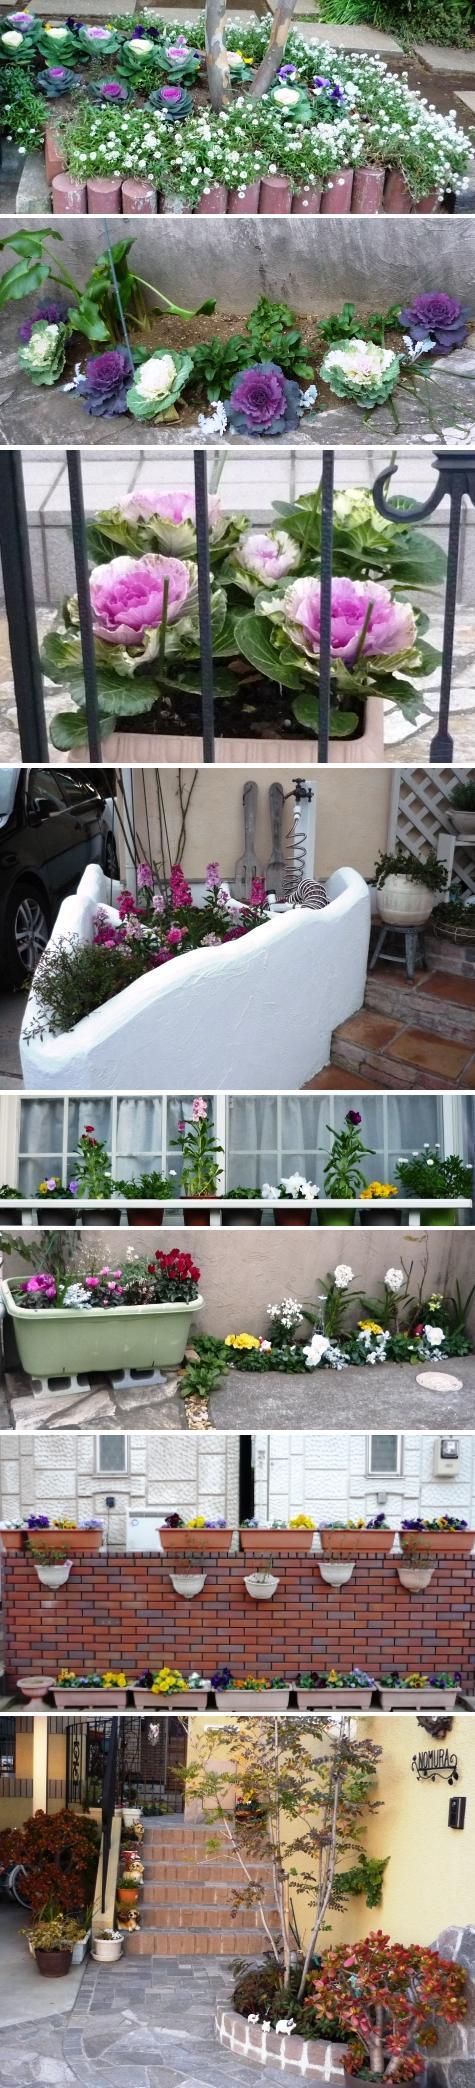 a千葉の庭花P1290085